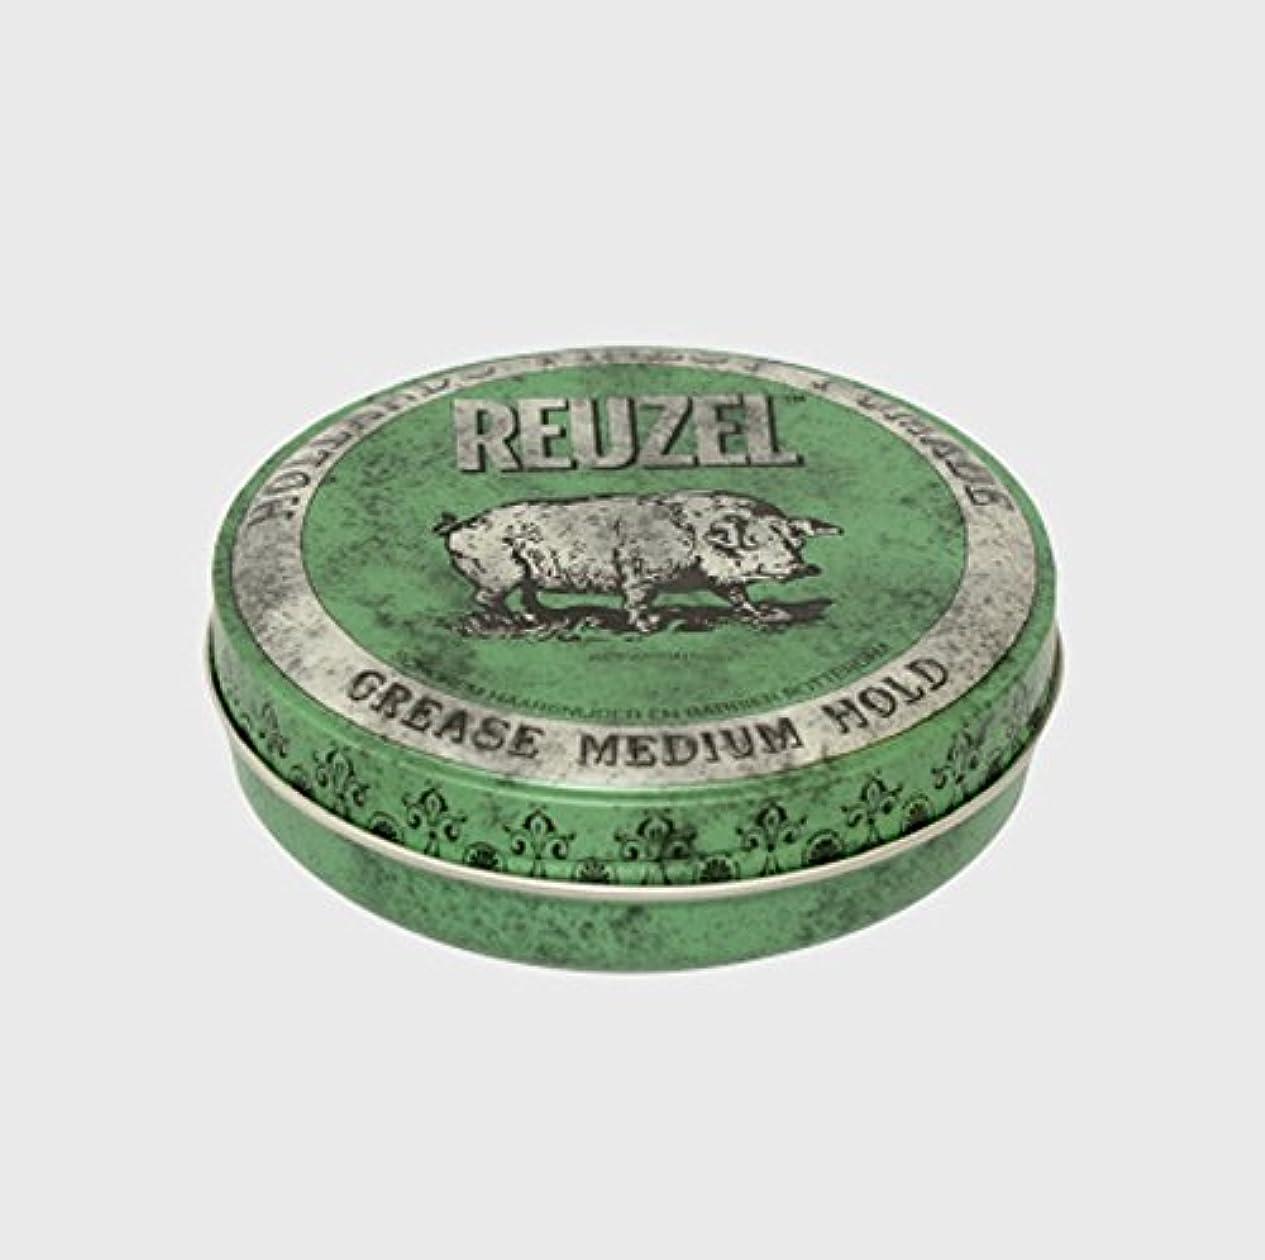 マカダムフック放棄されたルーゾー ポマード ミディアムホールド グリーン Small(35g)